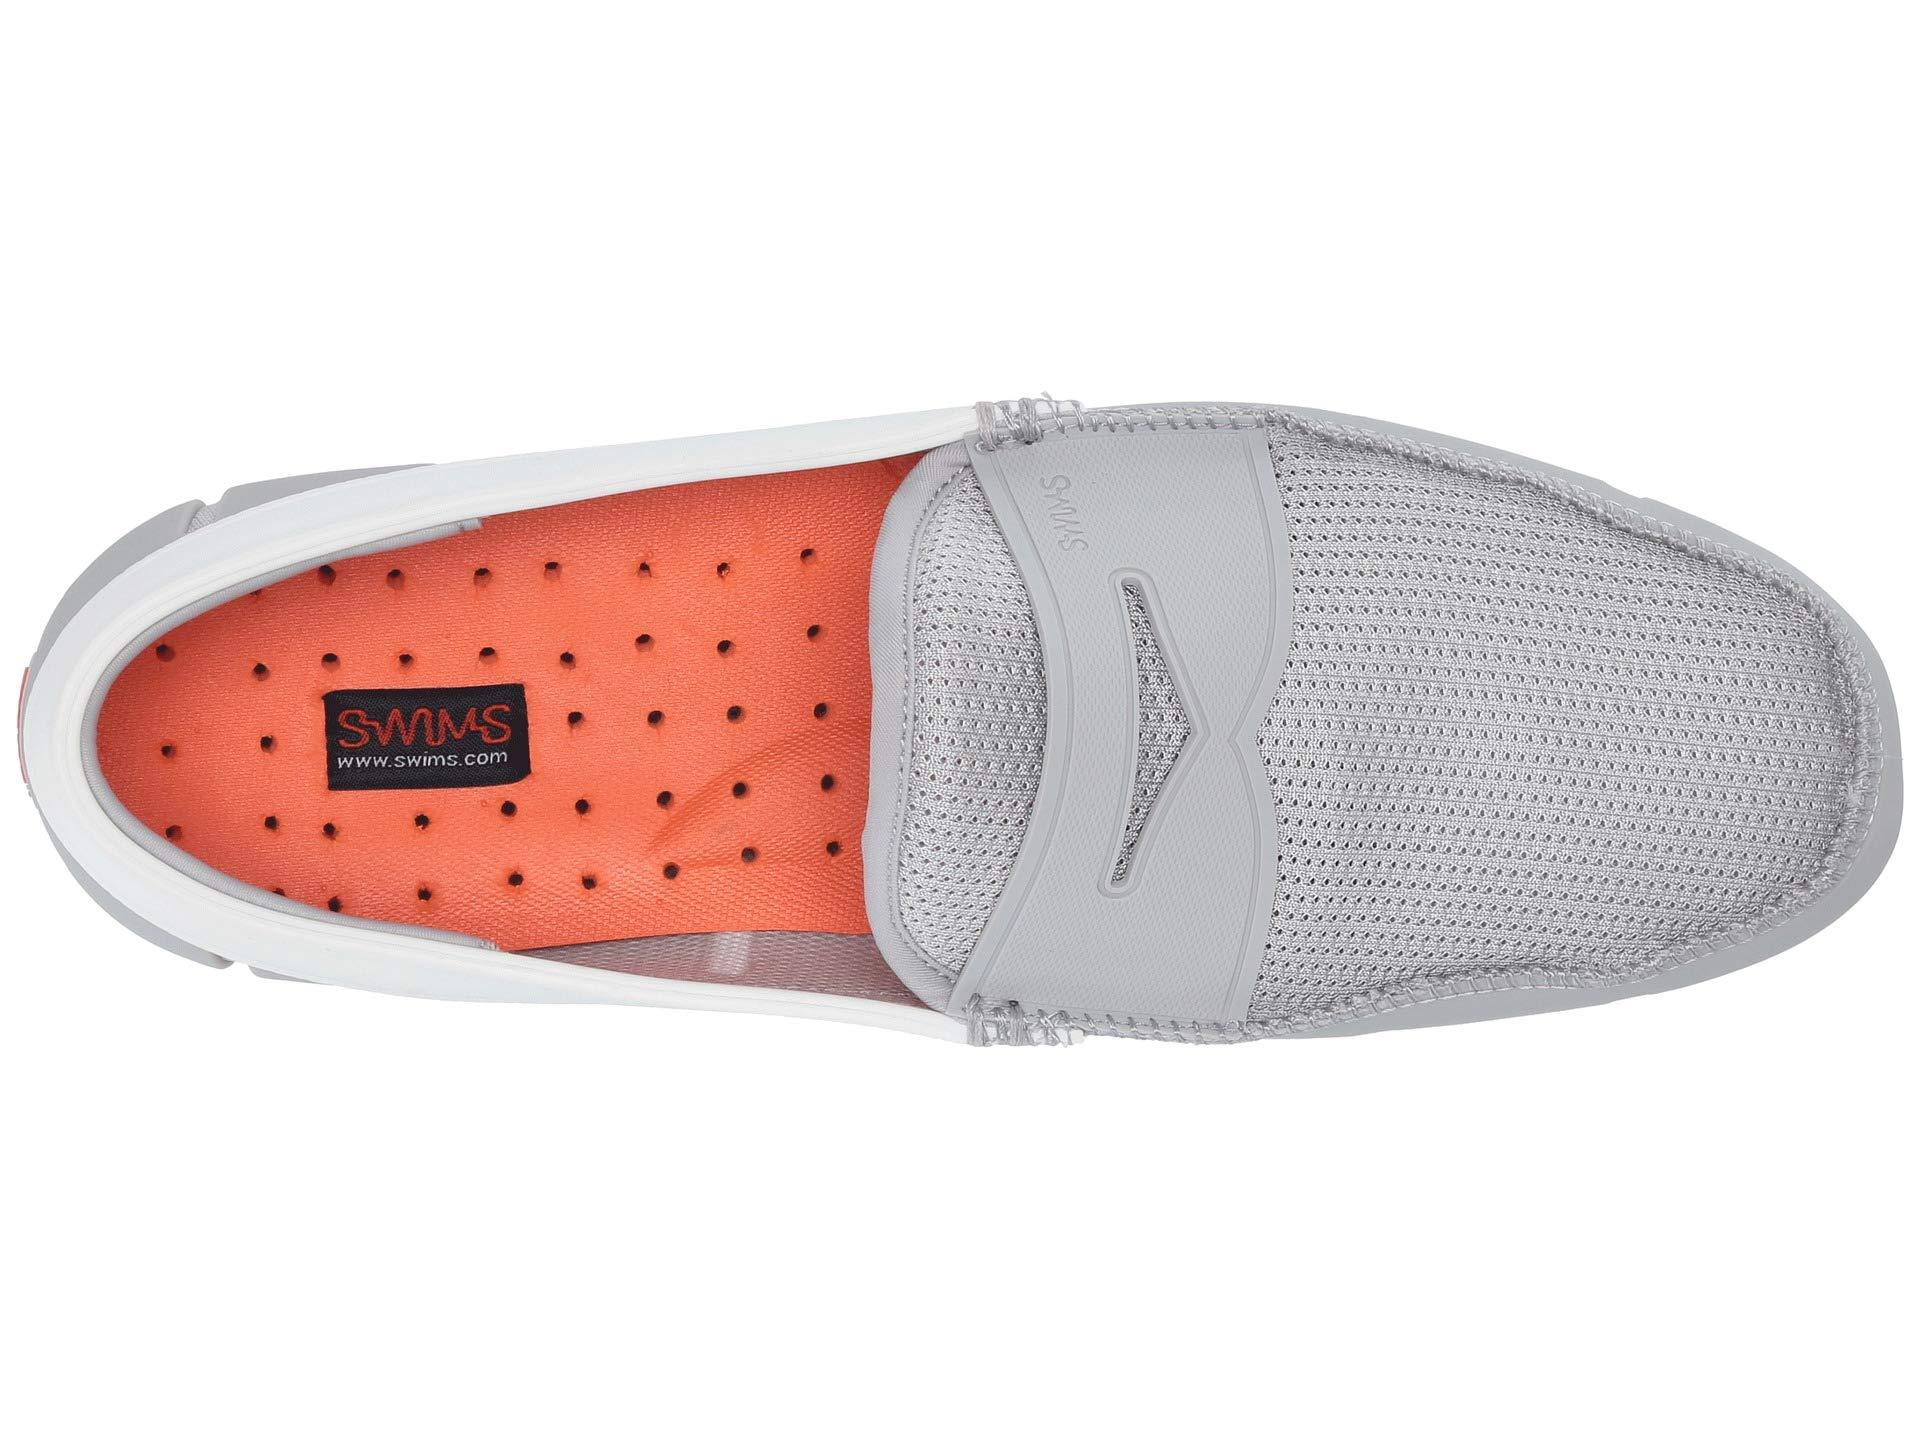 0b46111ec27 Swims - White Penny Loafer (black) Men s Shoes for Men - Lyst. View  fullscreen